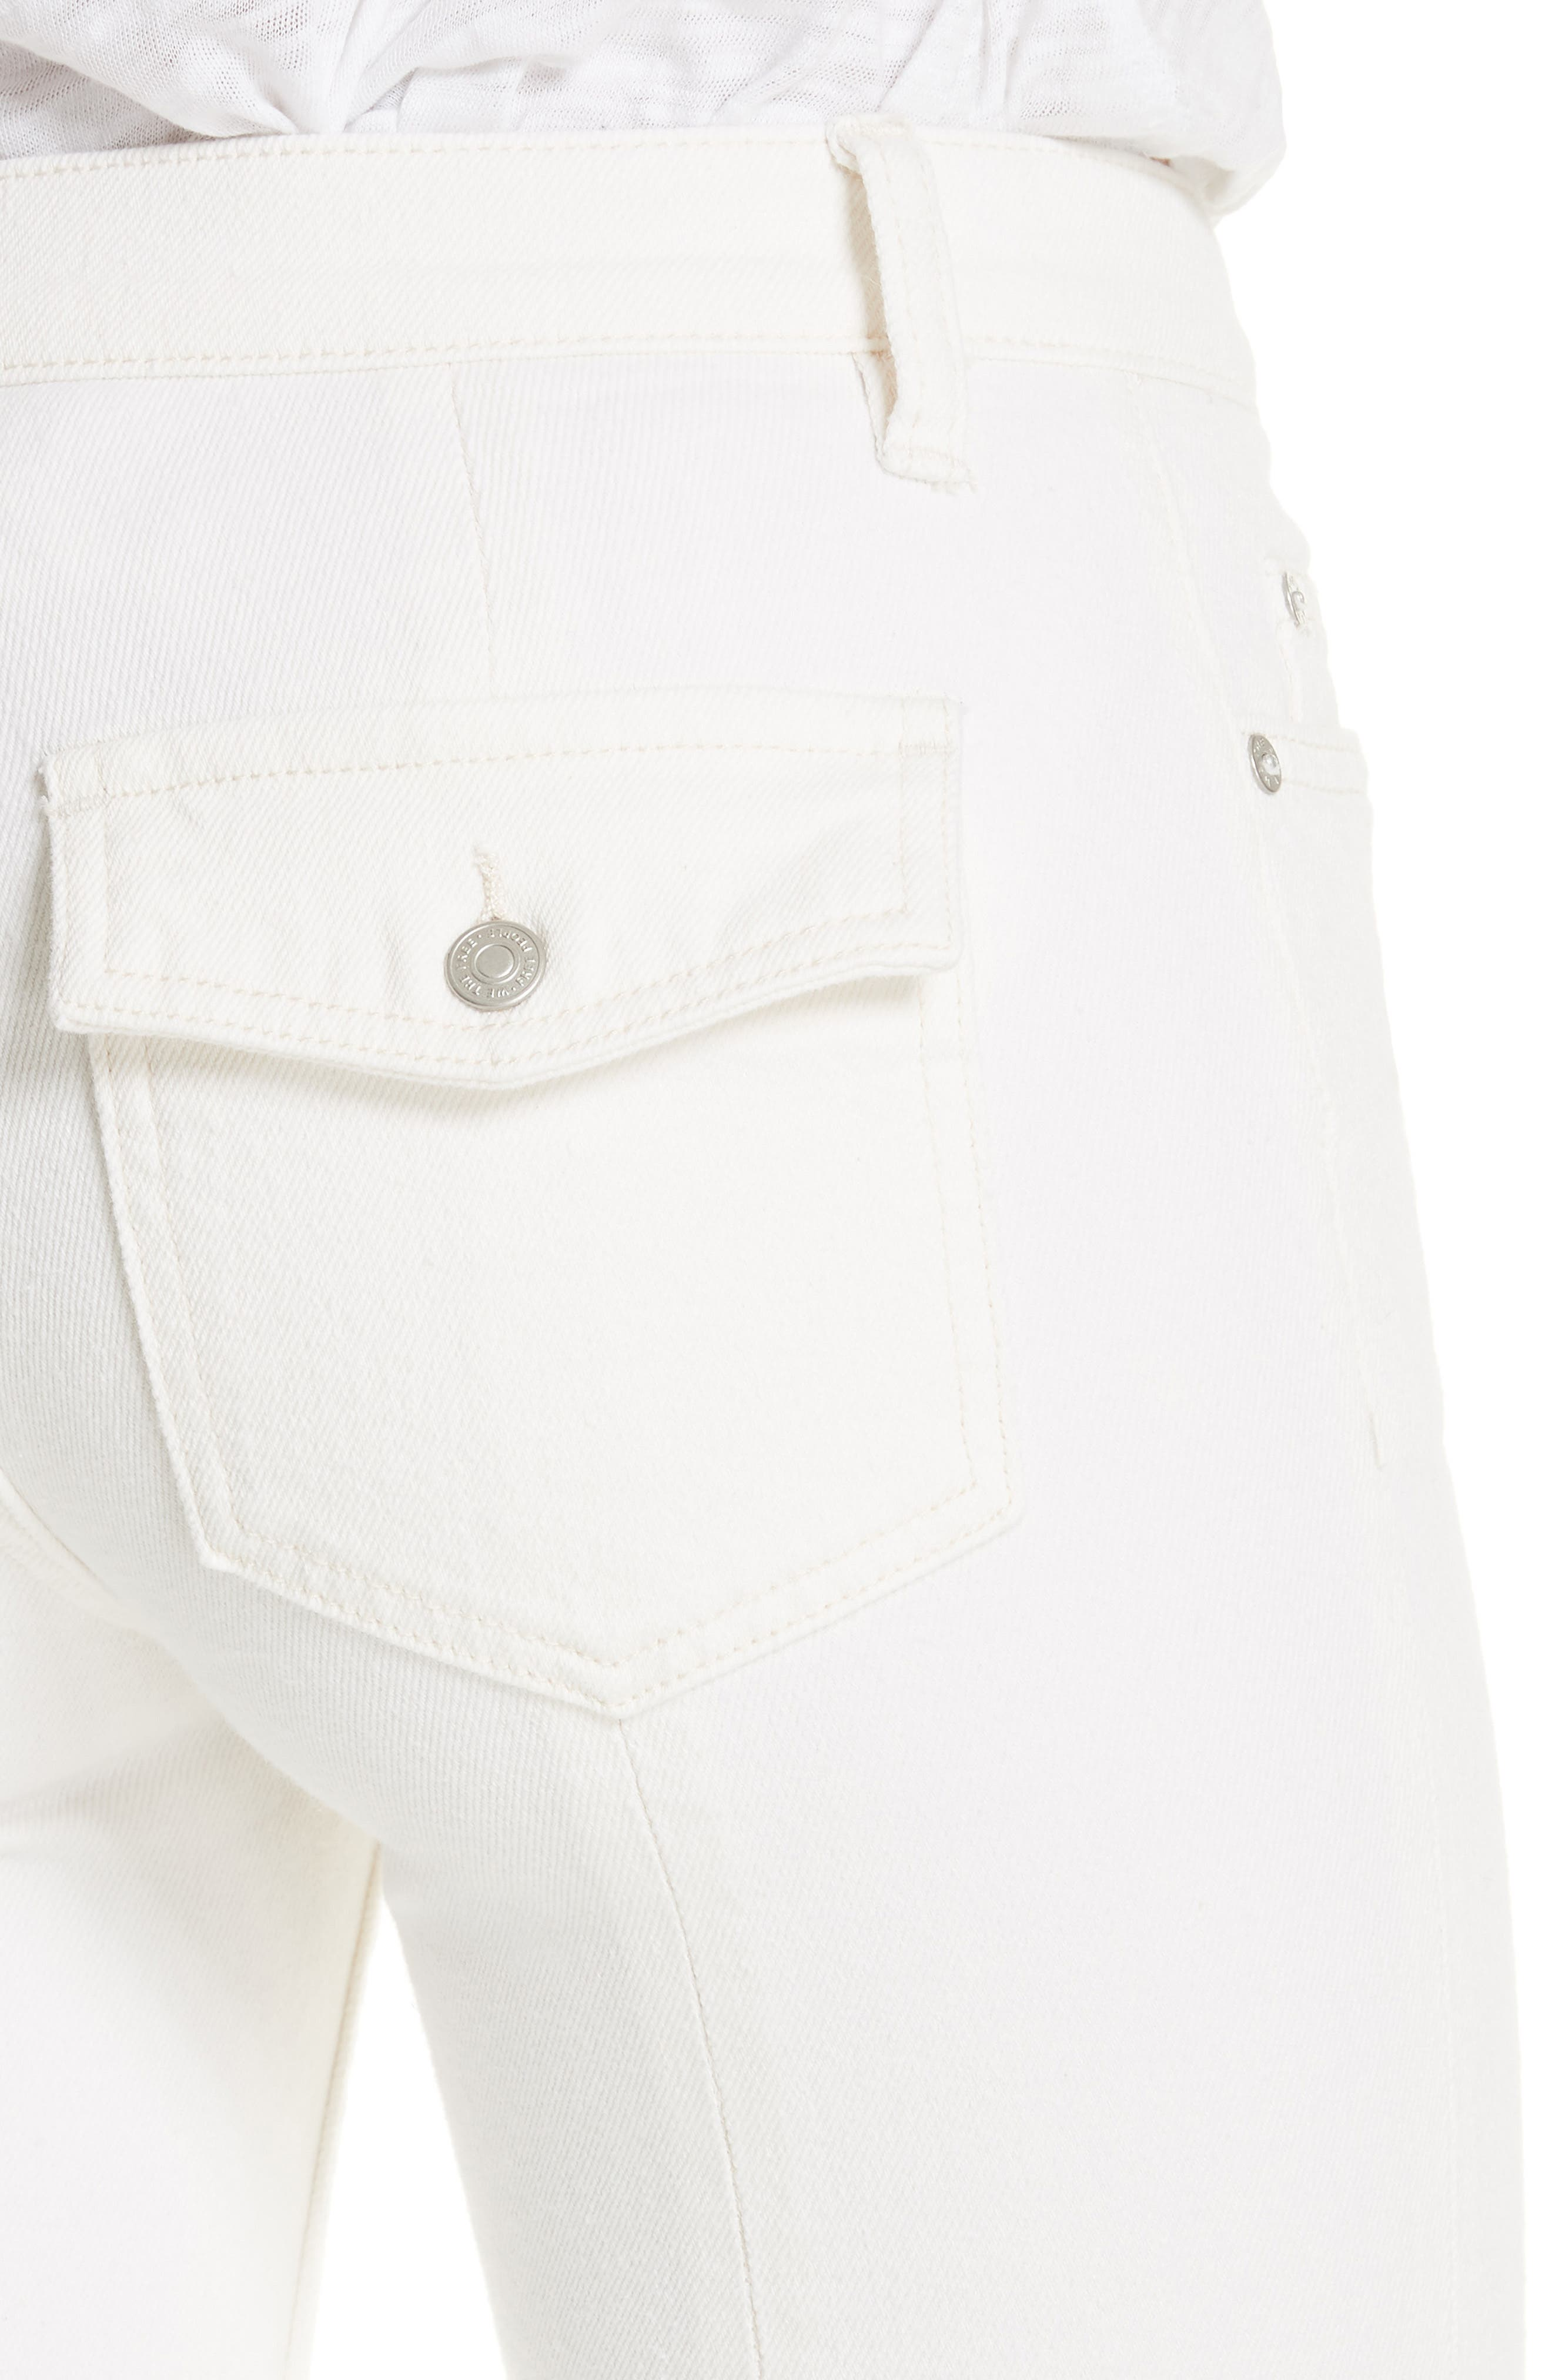 Austen Straight Leg Jeans,                             Alternate thumbnail 4, color,                             White